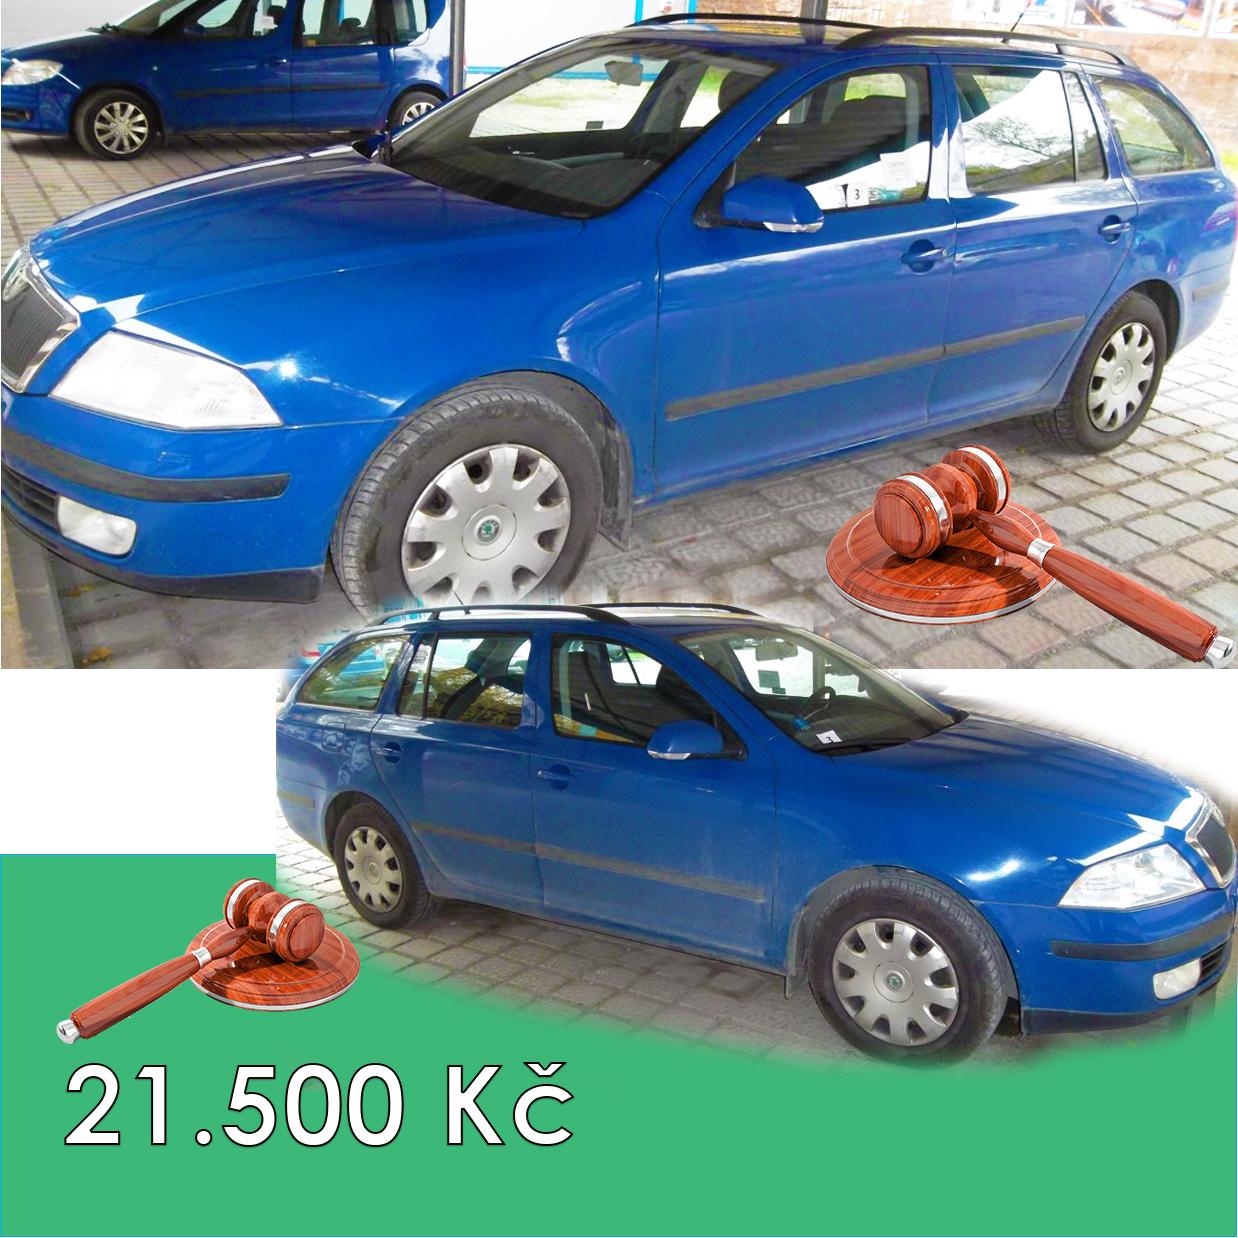 Zisková Dražba Škoda OCTAVIA - vydraženo jen za 21.500 Kč